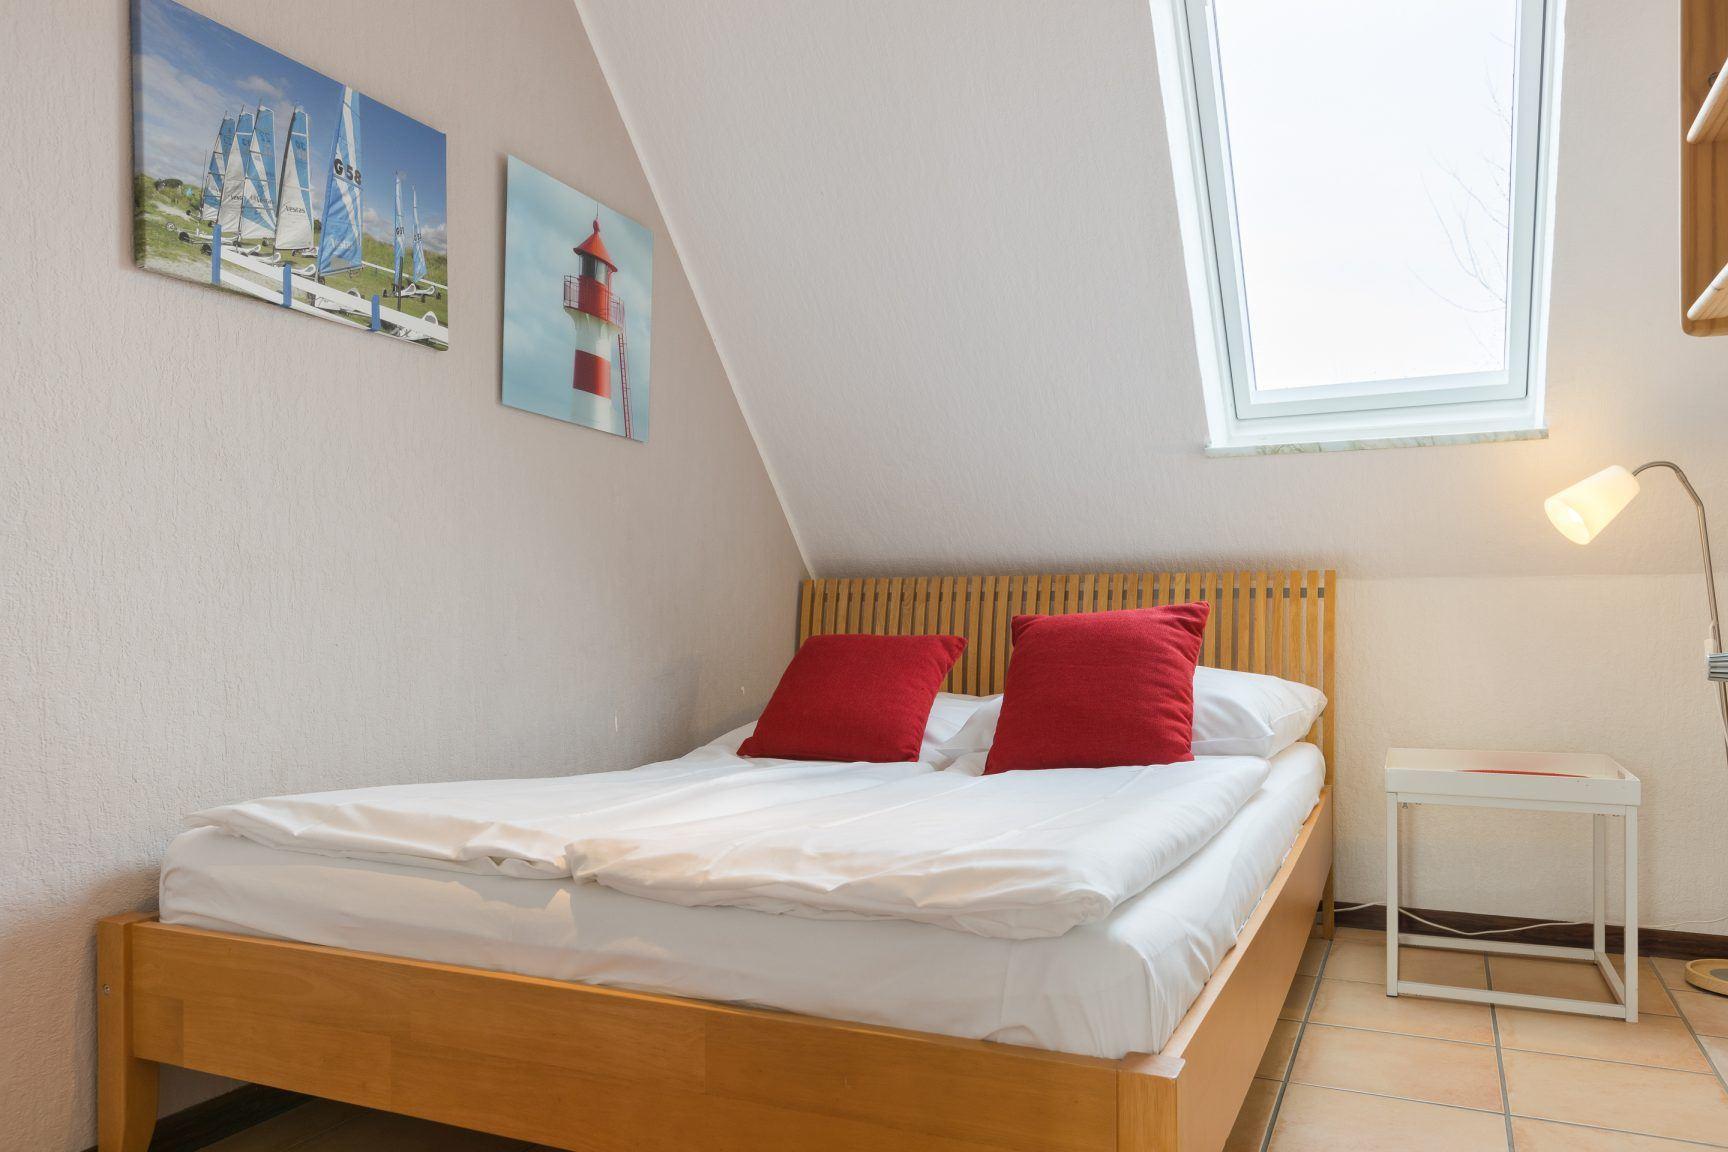 2. Schlafzimmer - St Peter Ording Dorf, Haus Wogemann, Wohnung 11